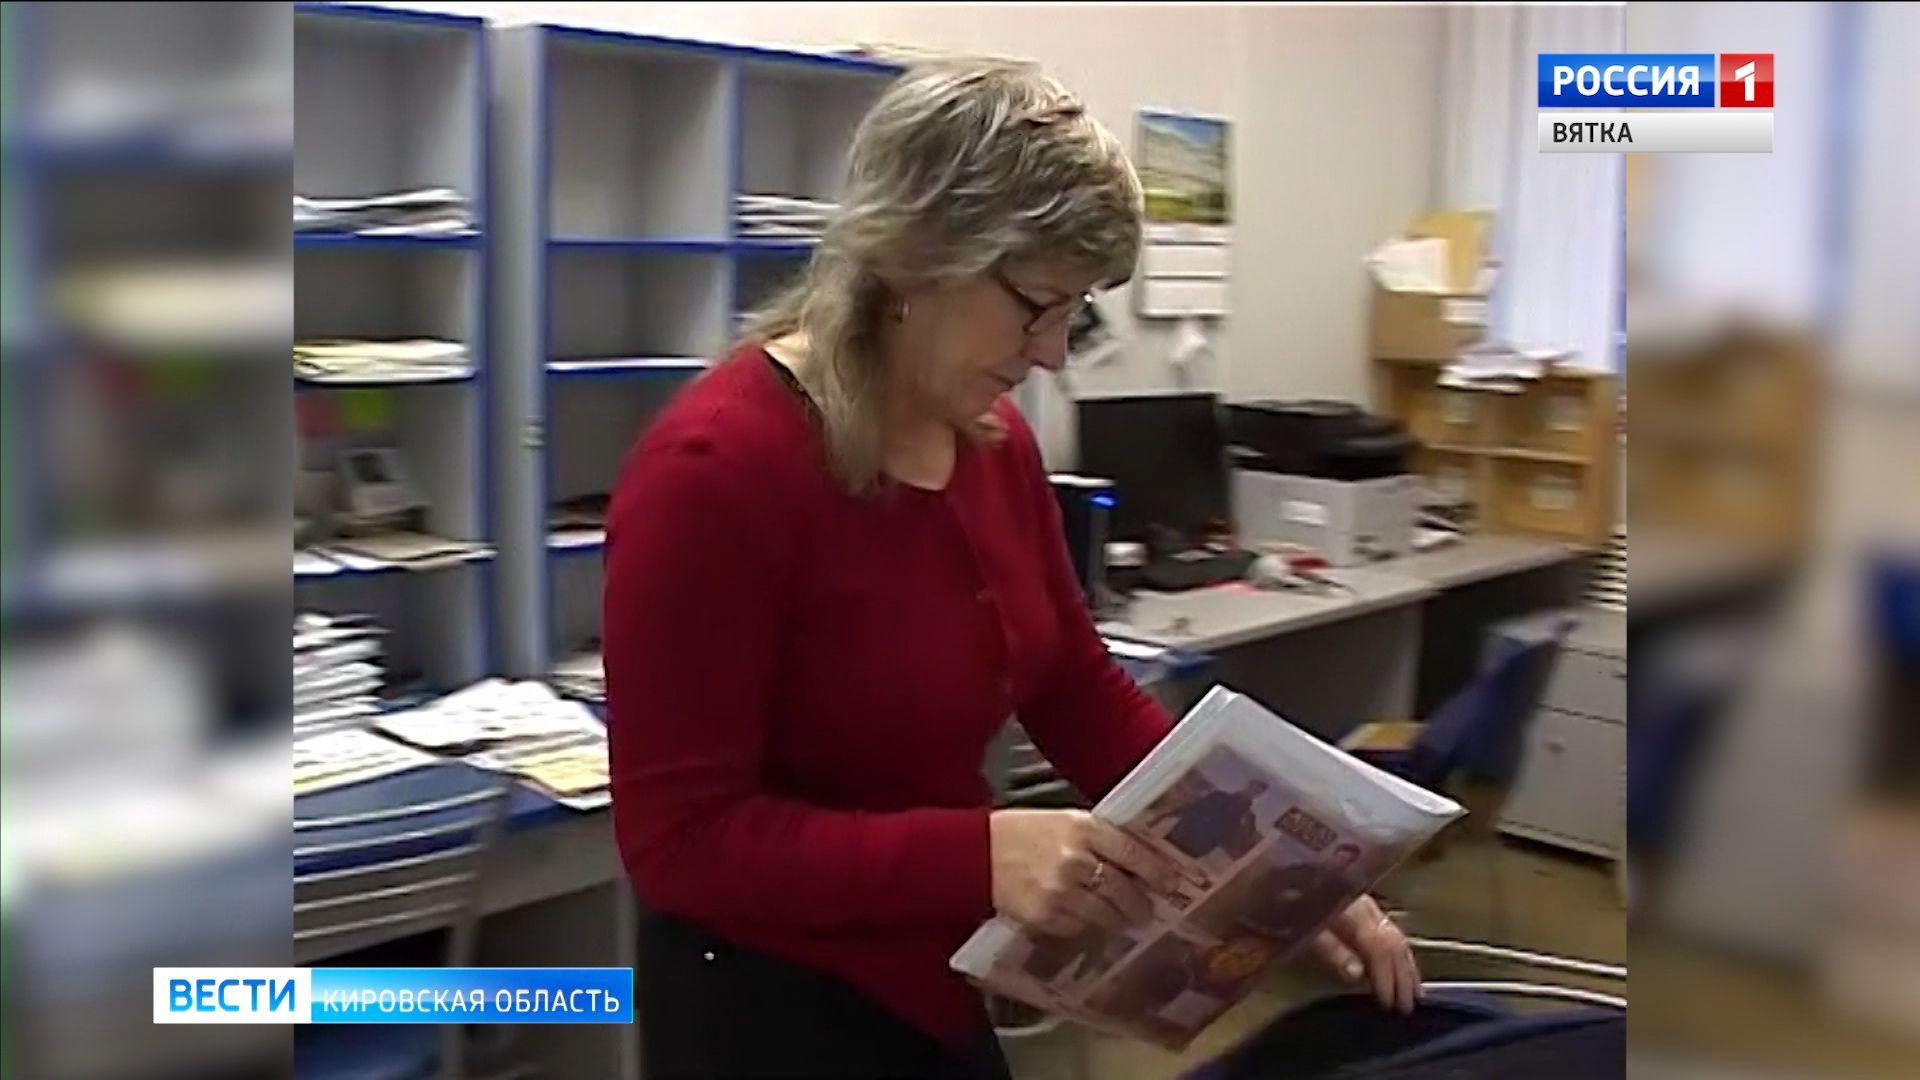 Отделения почтовой связи в Кирове будут закрыты для посетителей до 2 апреля